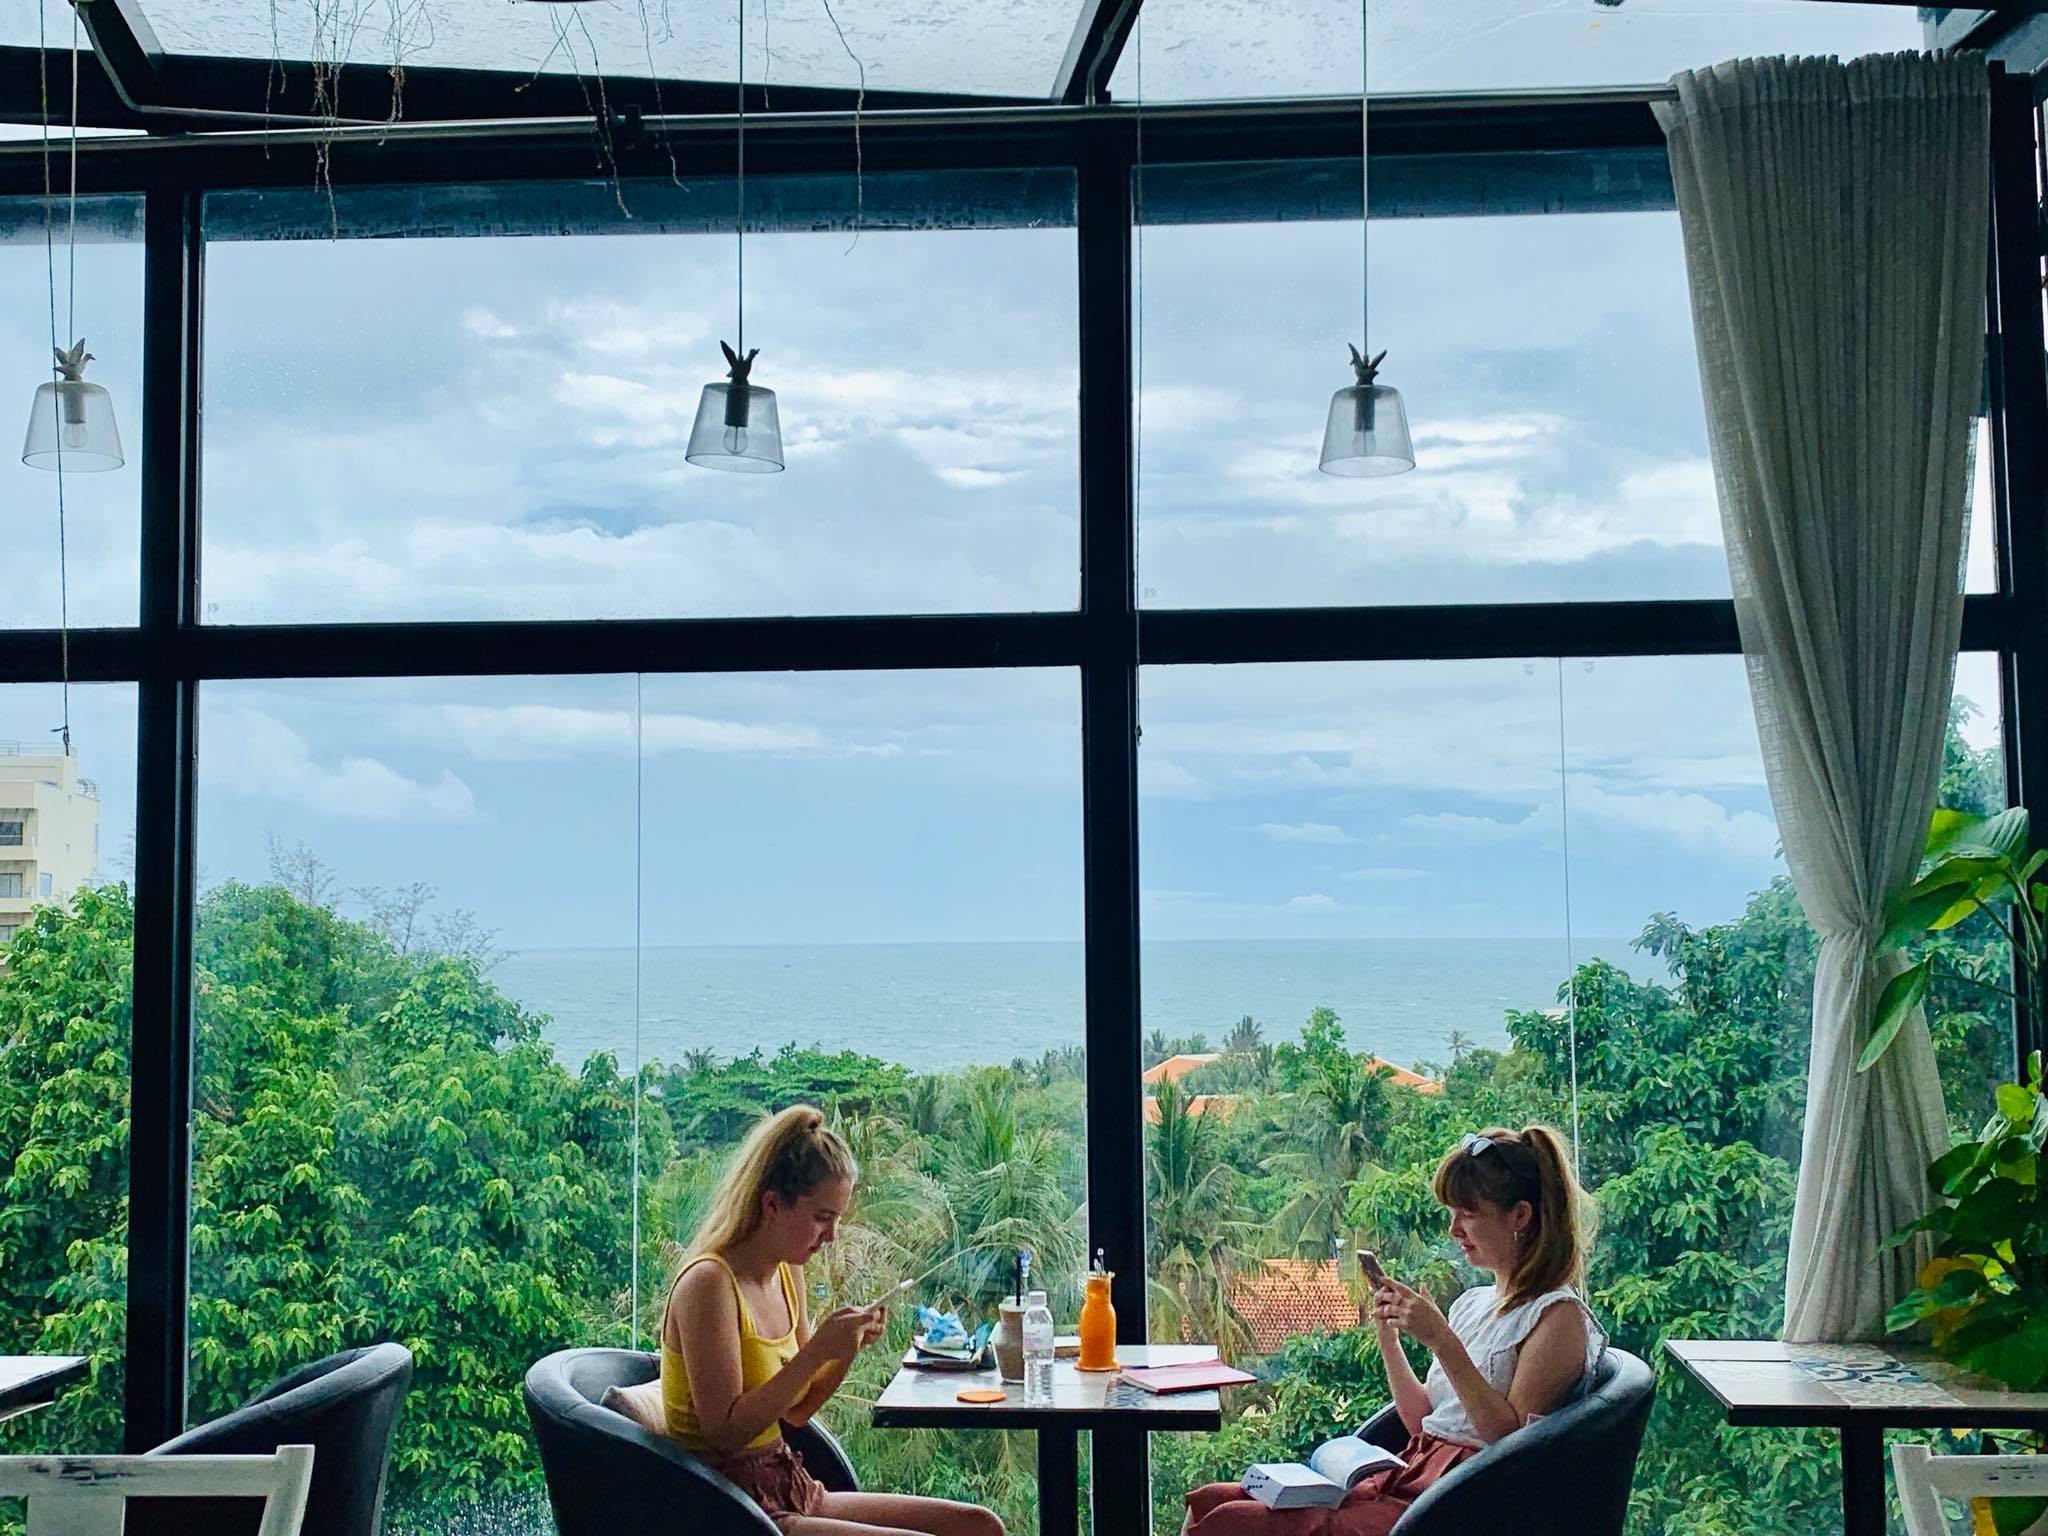 Skyline Cafe được bao bọc bởi nhiều cây xanh. Hình: Sưu tầm